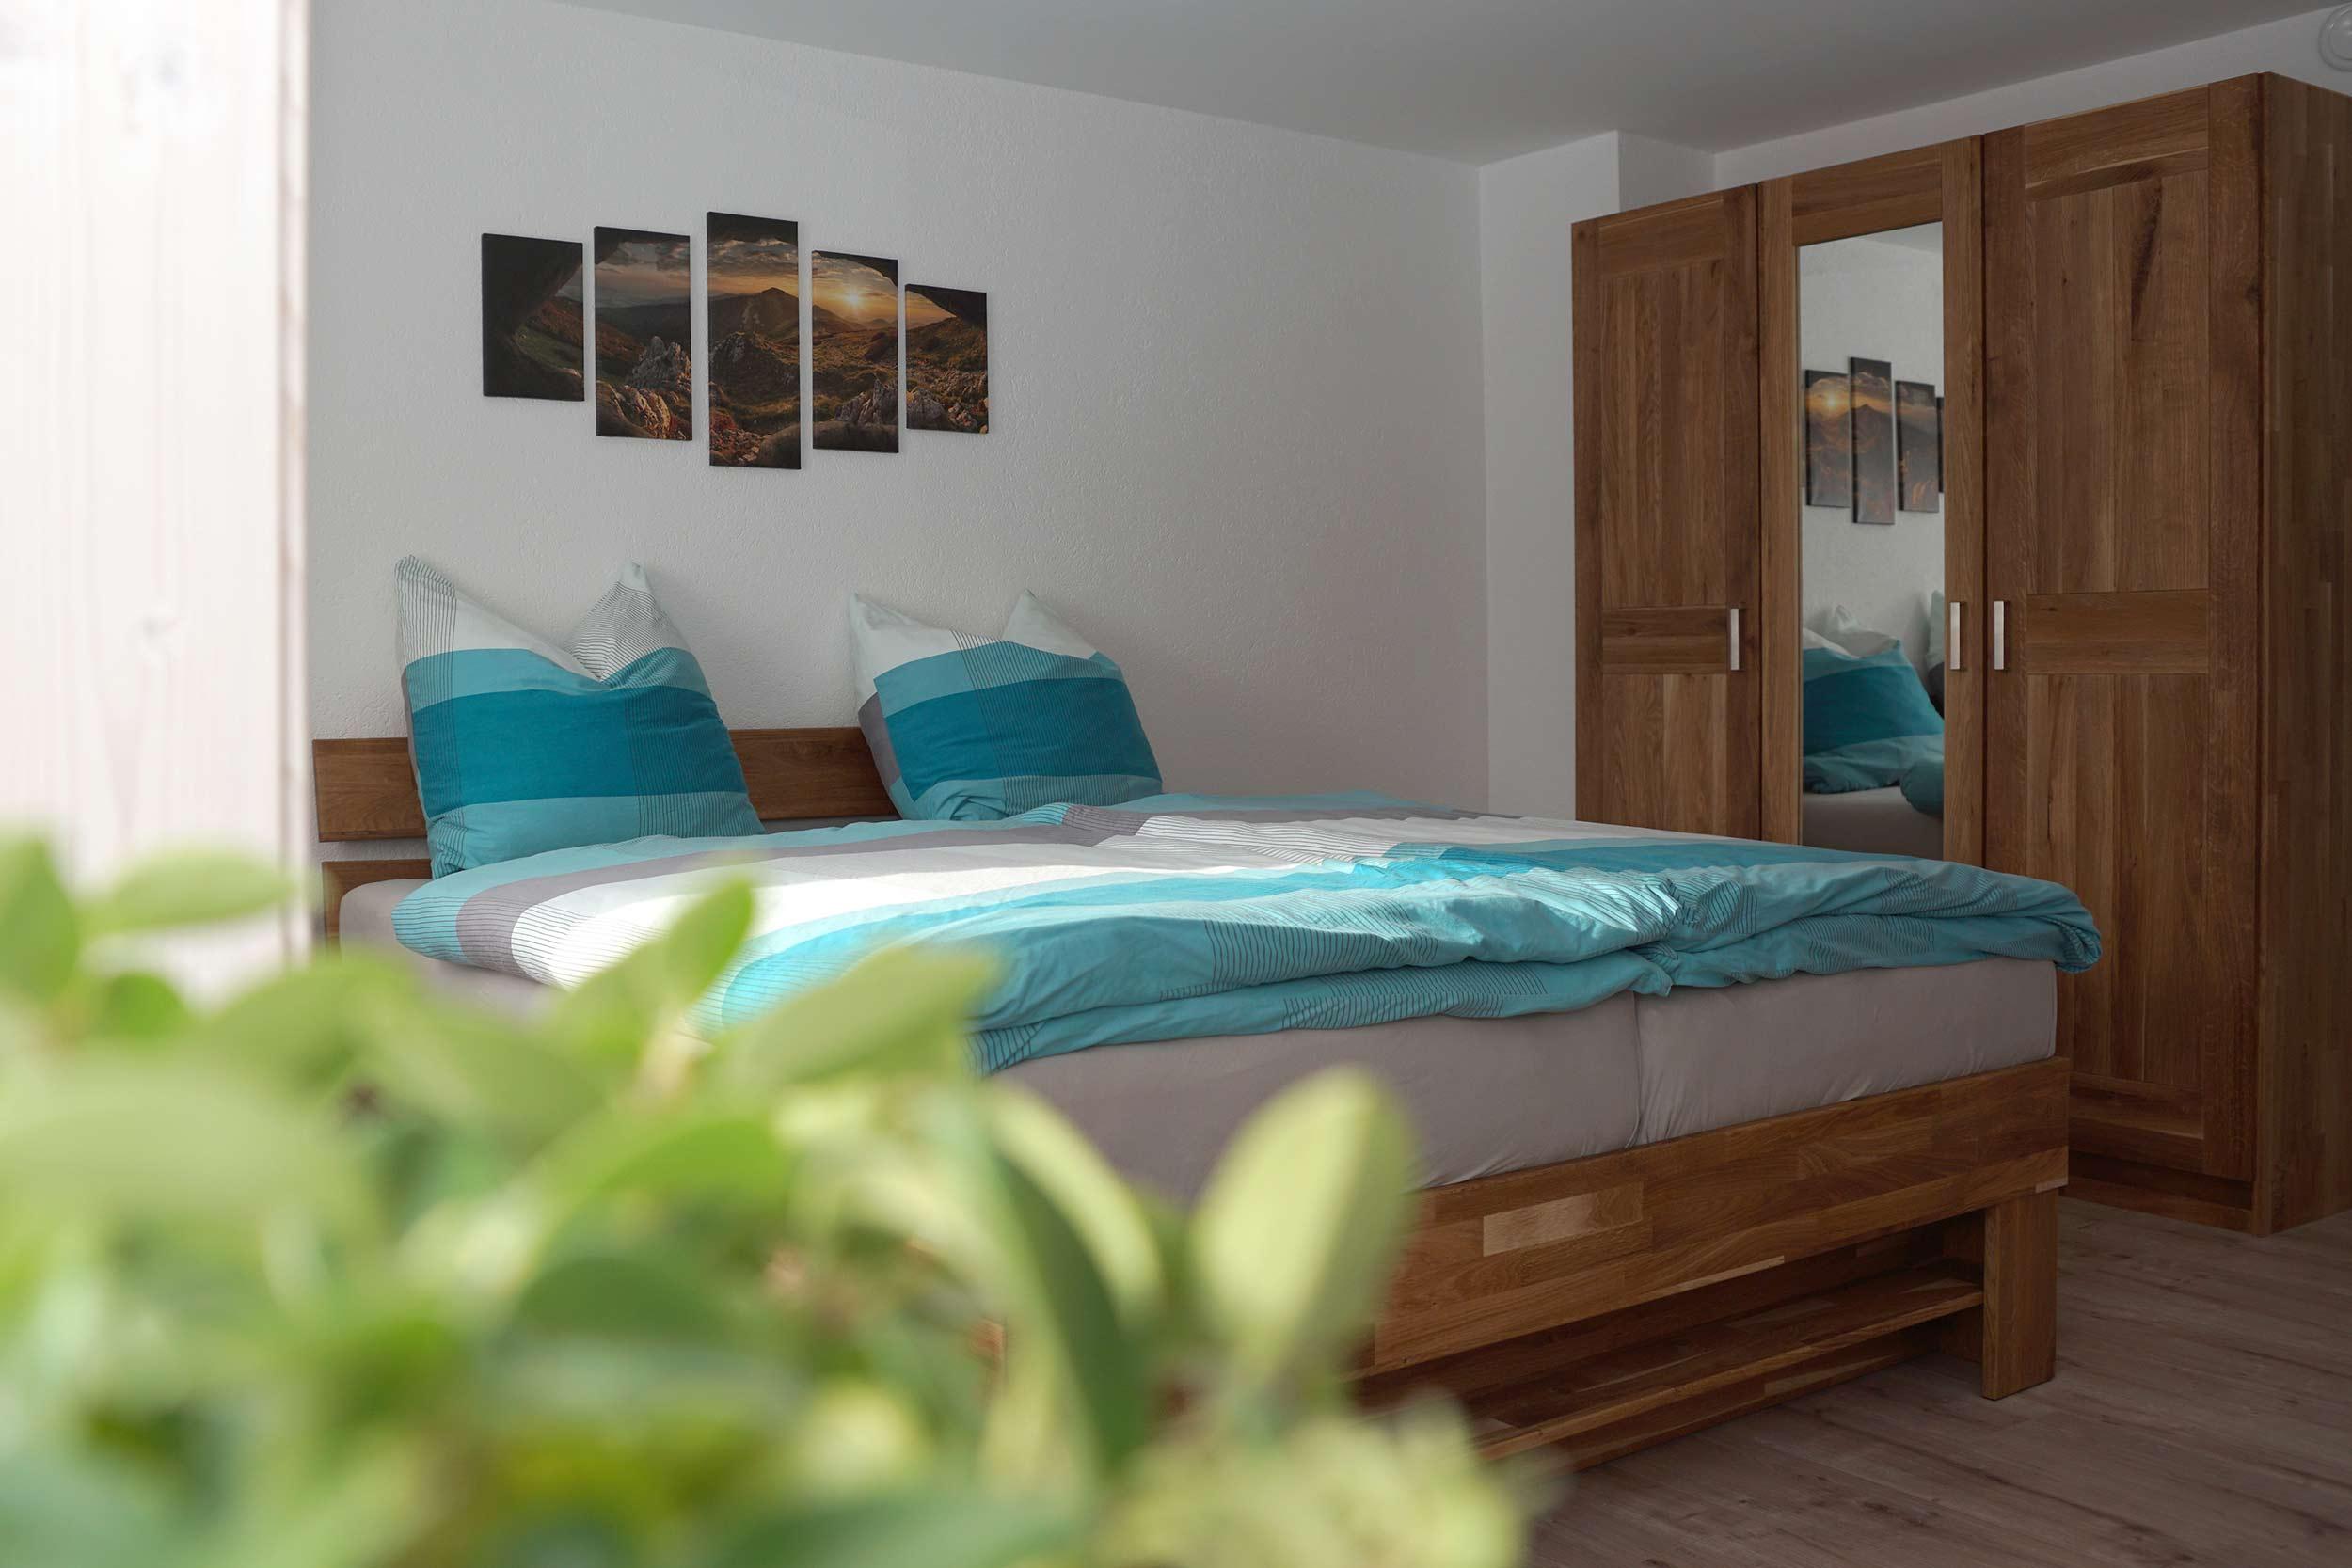 Ferienwohnung Christian Buhmann, Schlafzimmer 2